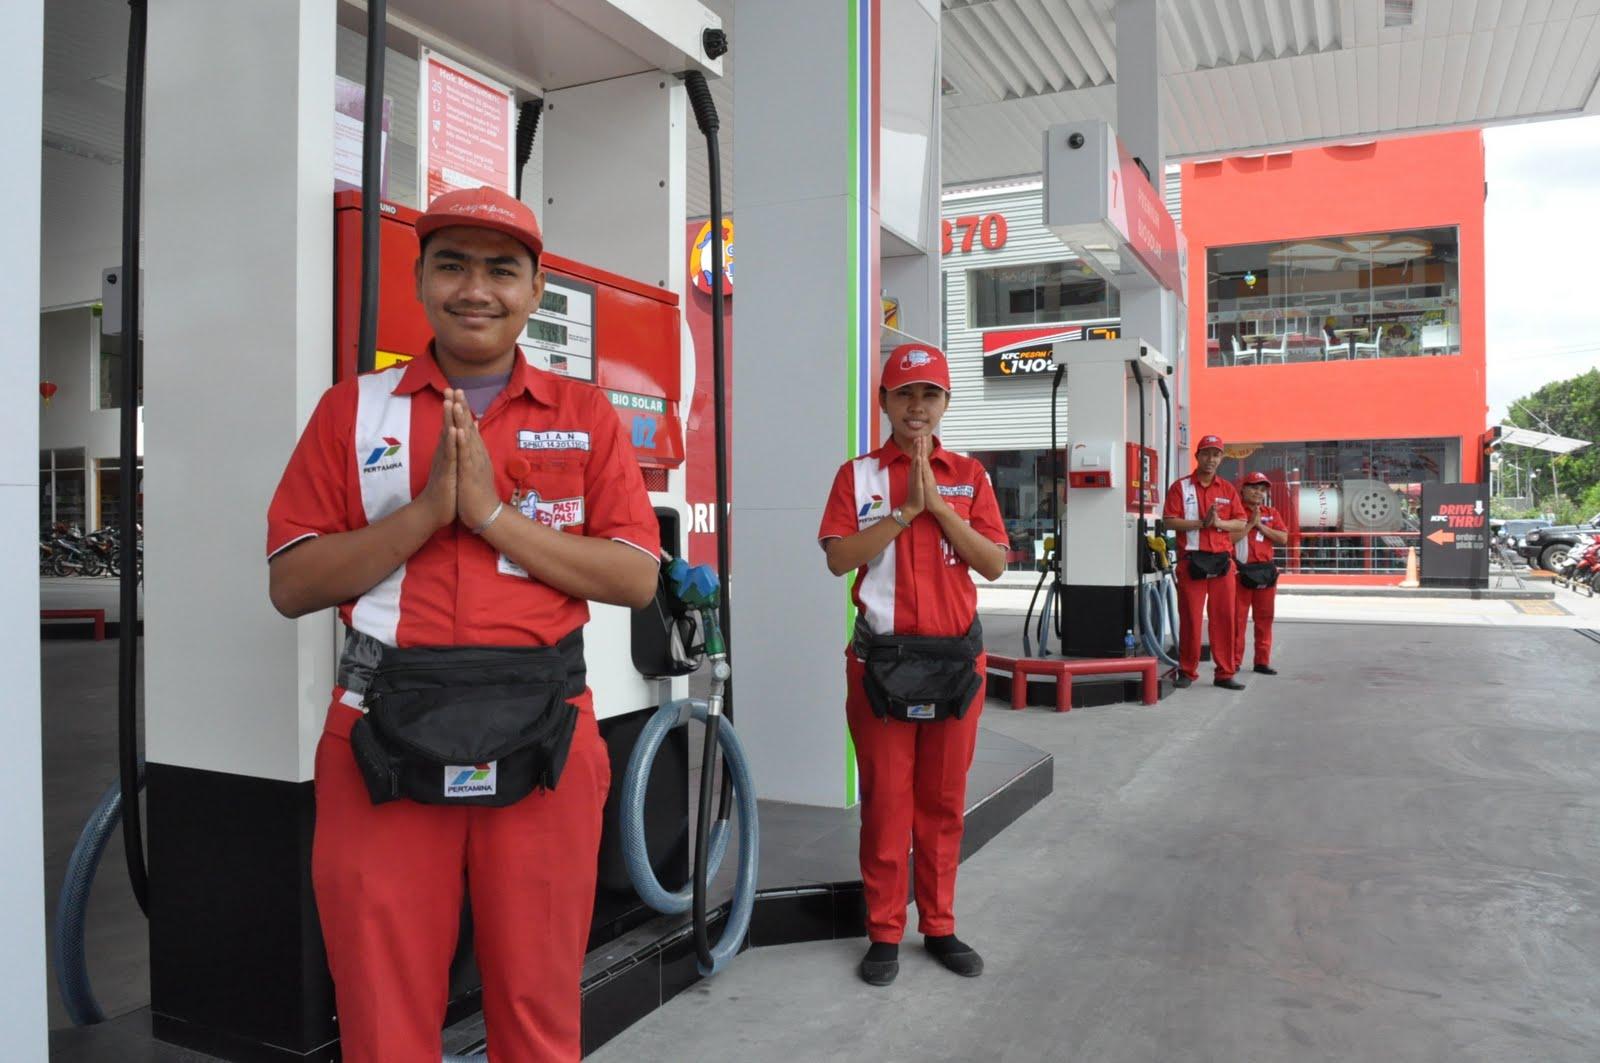 Lowongan Cpns Jawa Tengah Tahun 2013 Lowongan Kerja Cpns Indonesia Lkci 2016 2017 166kb Home 187; Lowongan Pt Pelindo Ii Terbaru Maret 2015 Pusat Info